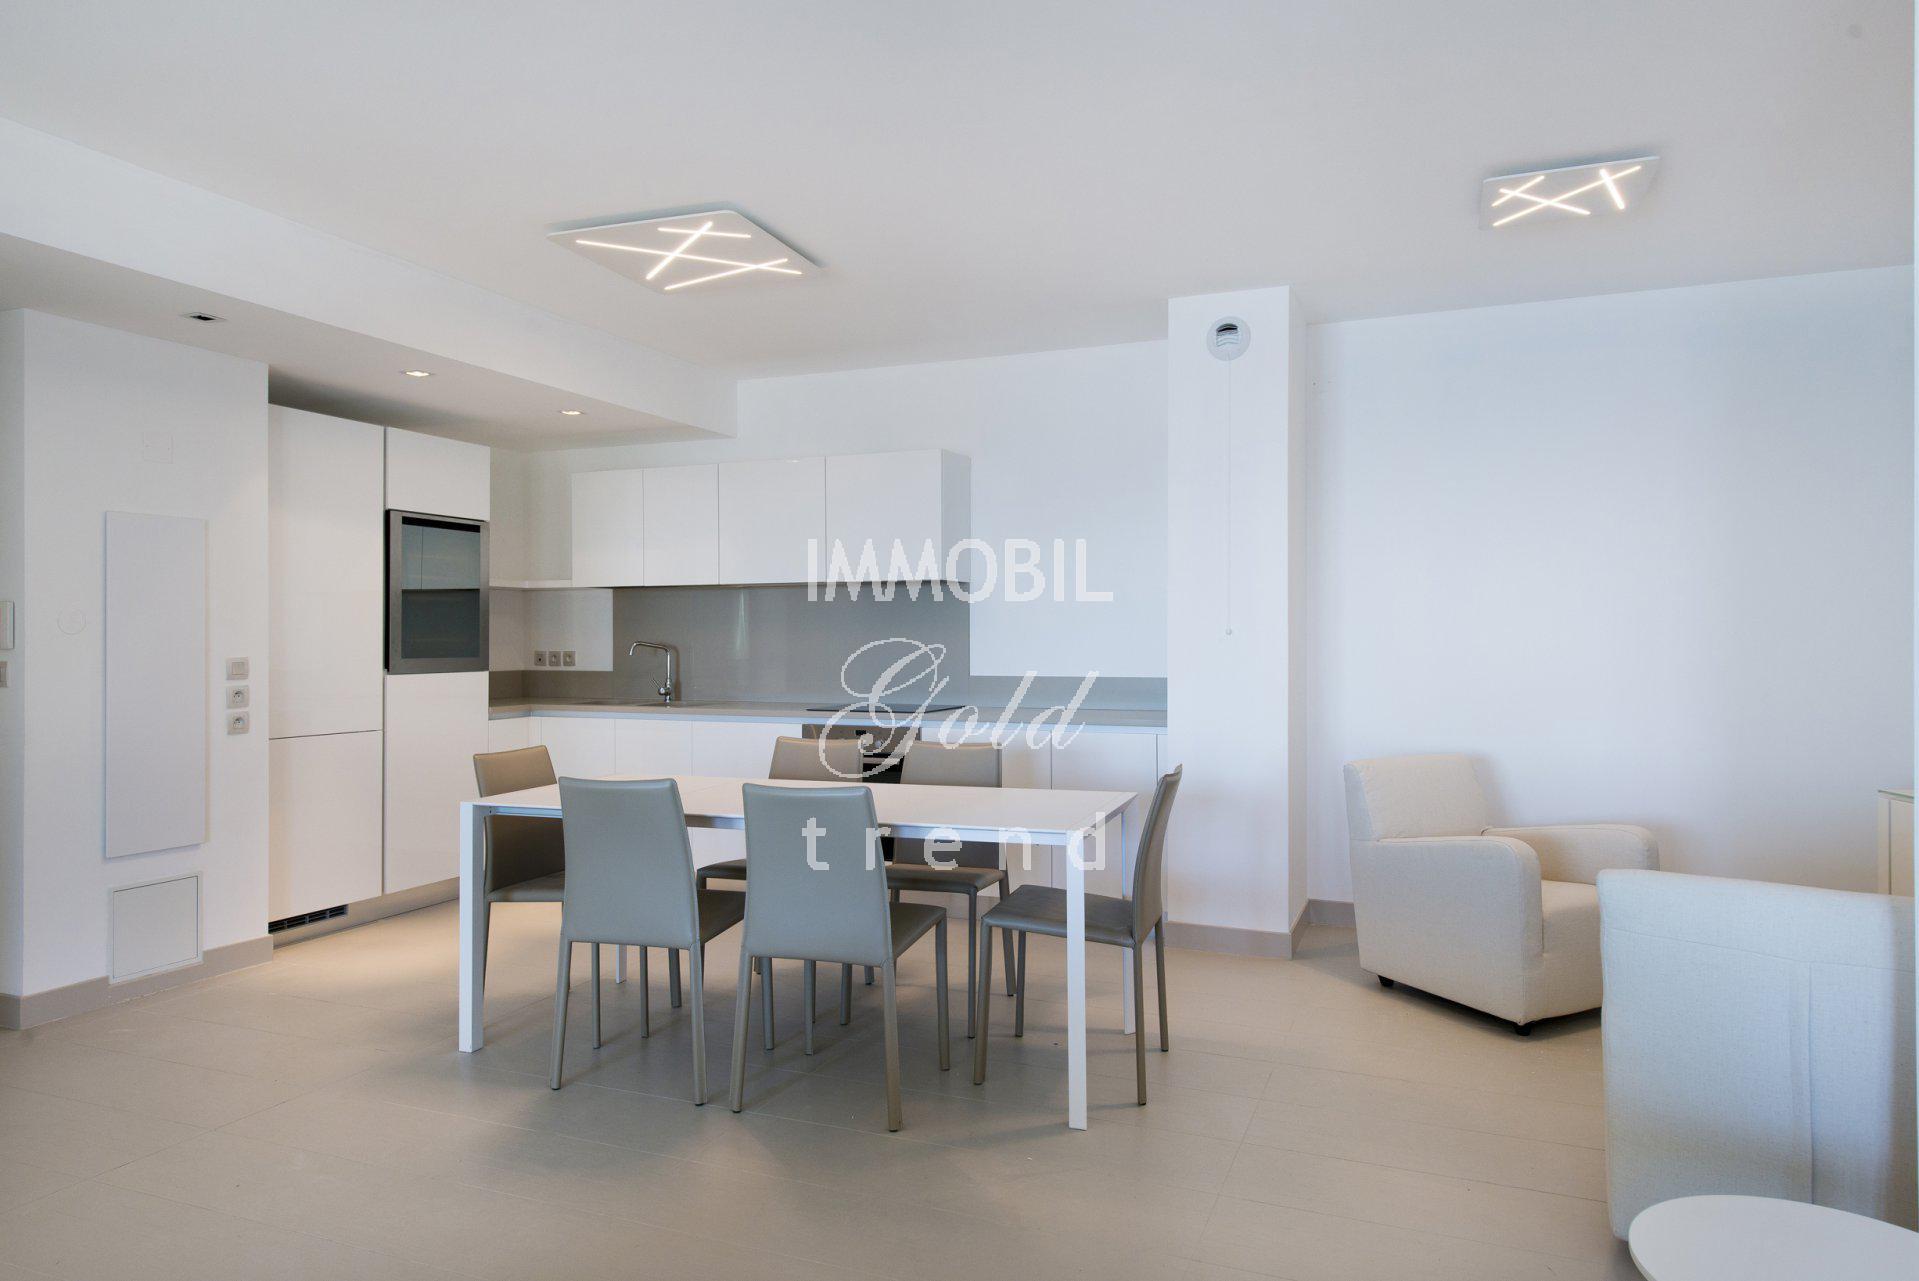 Immobilier Beausoleil - A louer, appartement trois pièces proche de Monaco avec deux terrasses, vue mer et parking